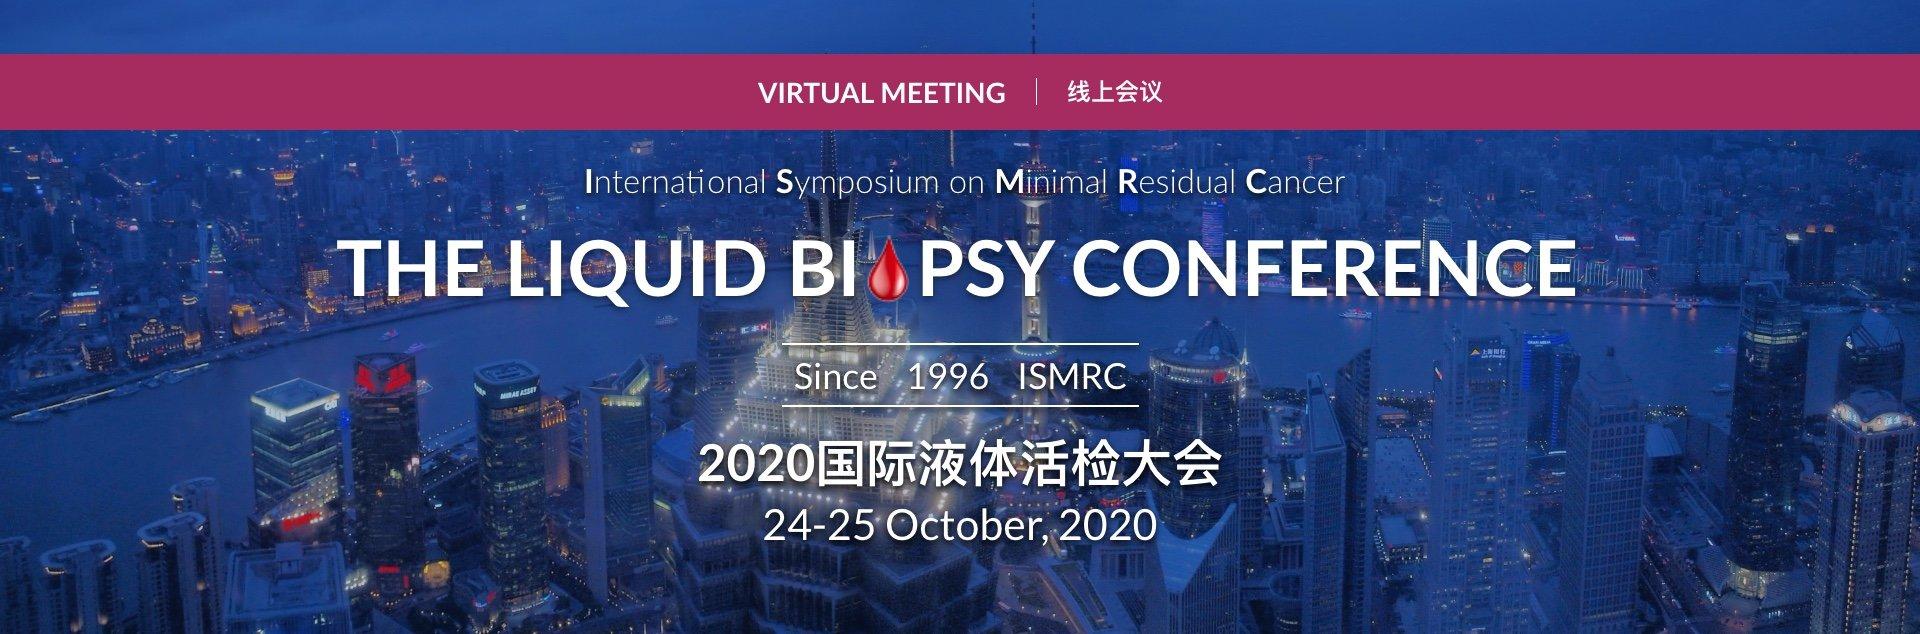 2020国际液体活检大会 在线会议 ISMRC2020 Virtual Meeting